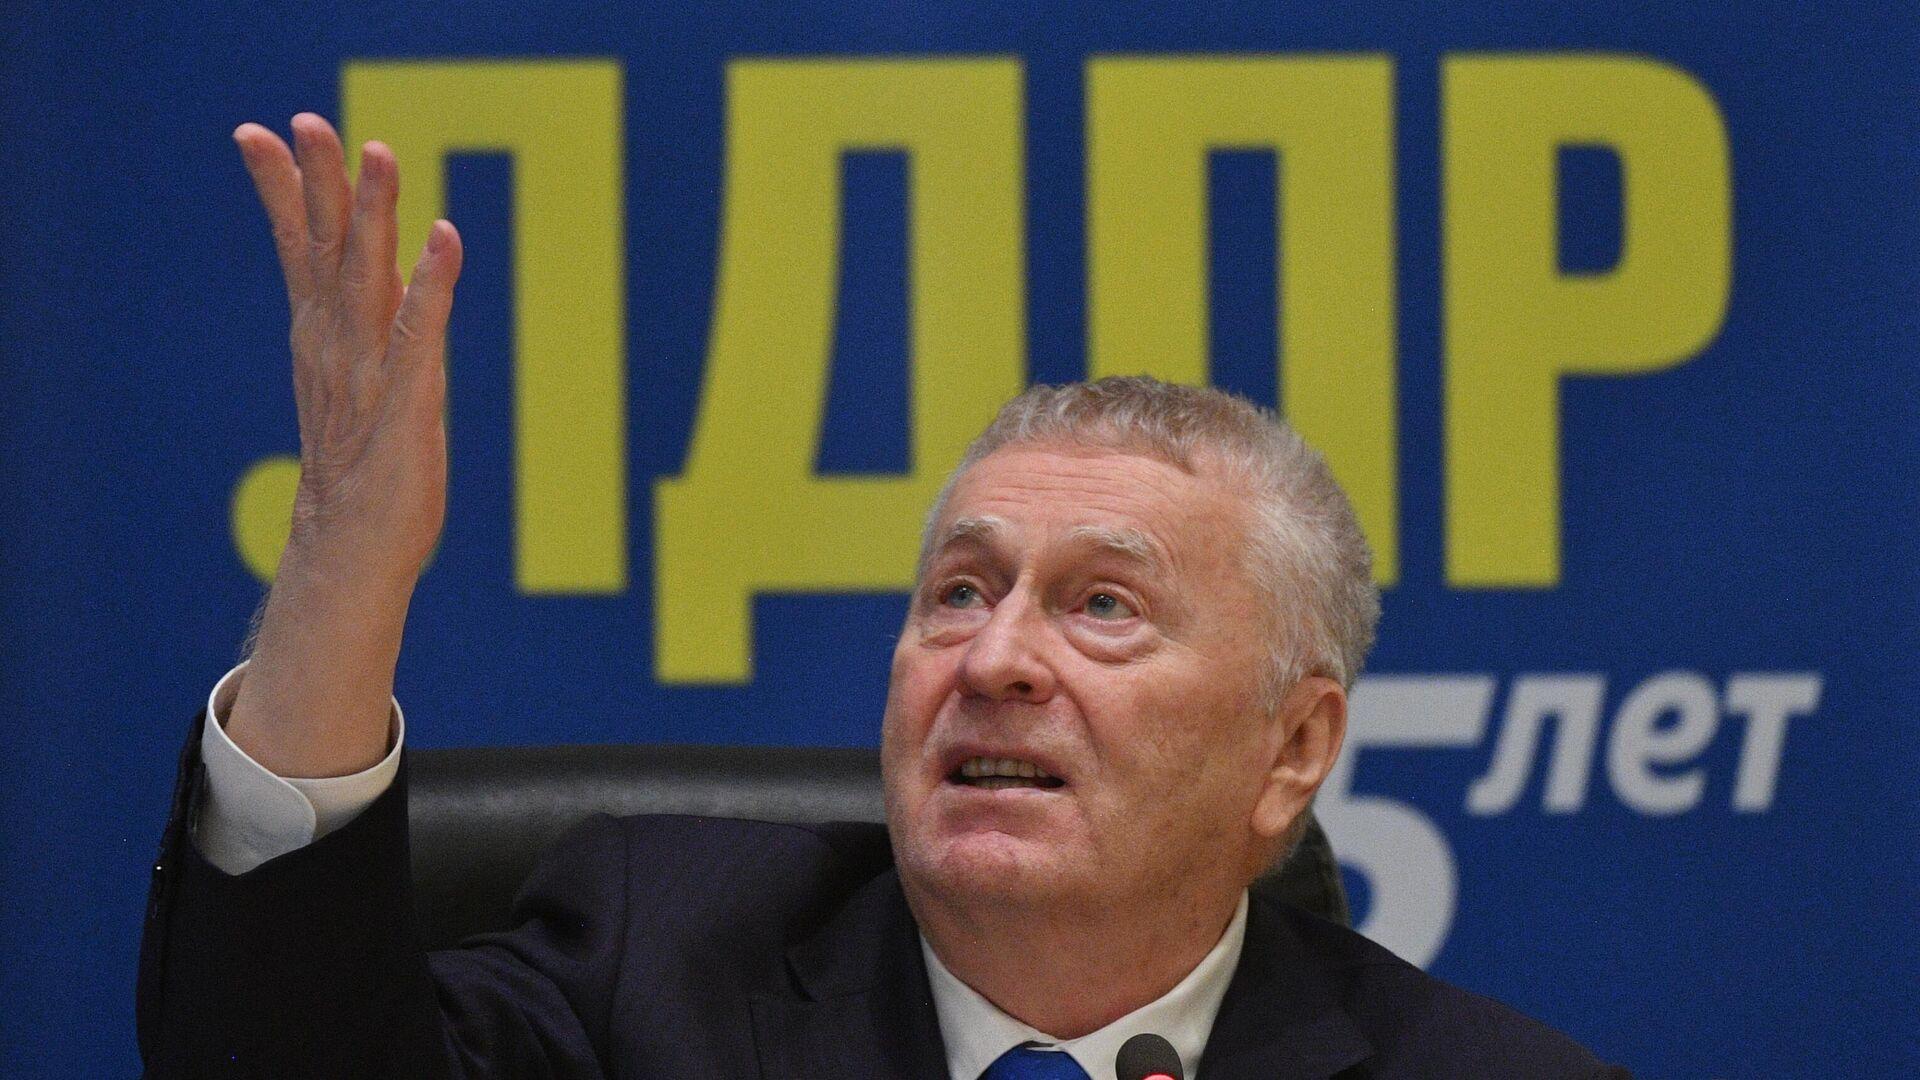 Председатель ЛДПР Владимир Жириновский выступает на съезде партии - РИА Новости, 1920, 13.01.2021